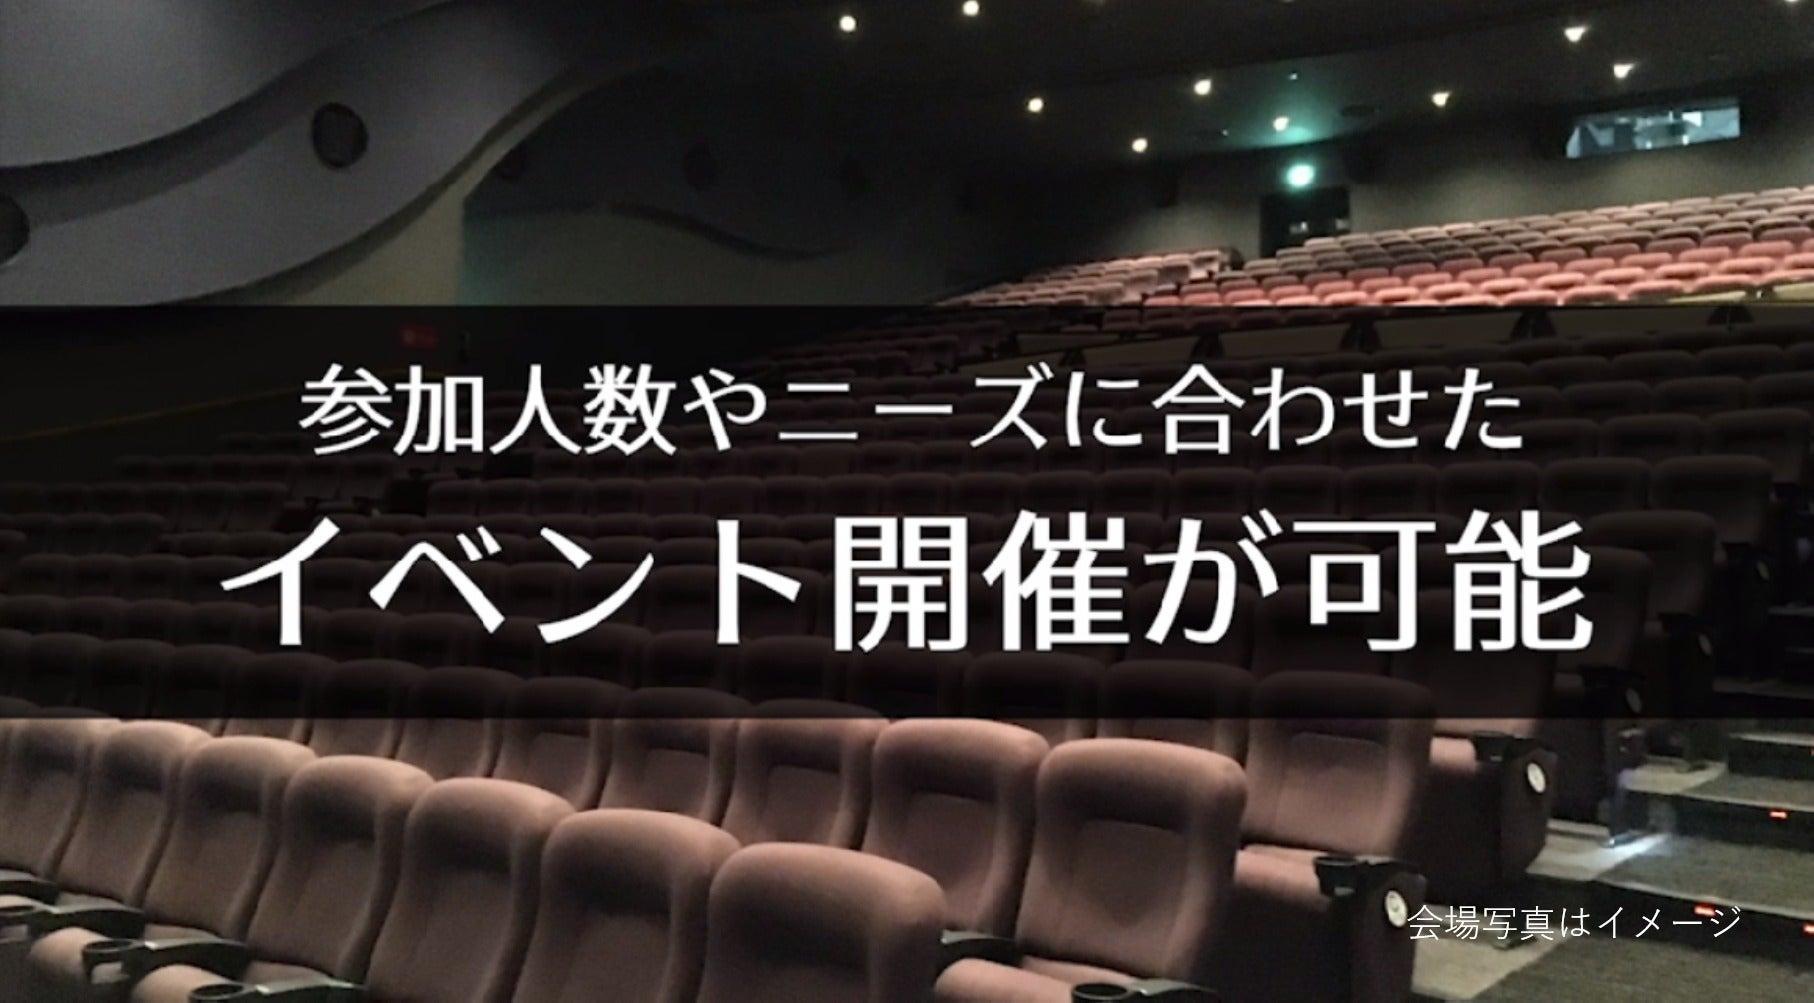 【新座 132席】映画館で、会社説明会、株主総会、講演会の企画はいかがですか?(ユナイテッド・シネマ新座) の写真0